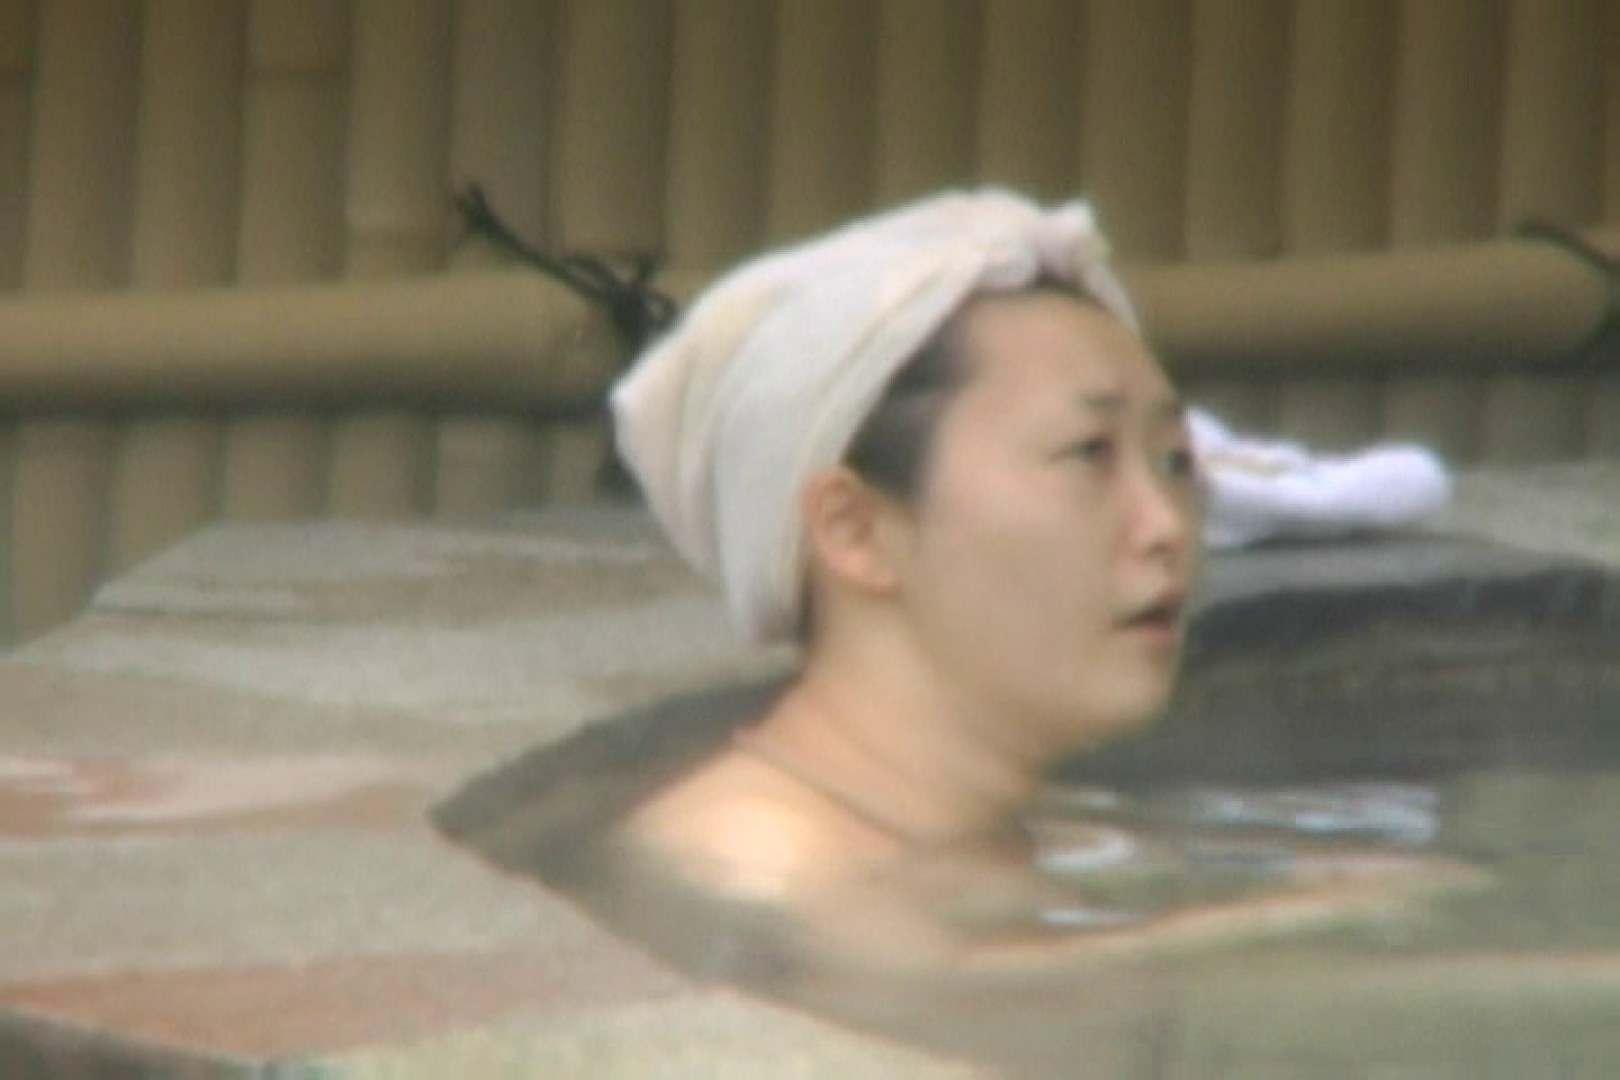 Aquaな露天風呂Vol.564 美しいOLの裸体  100pic 42